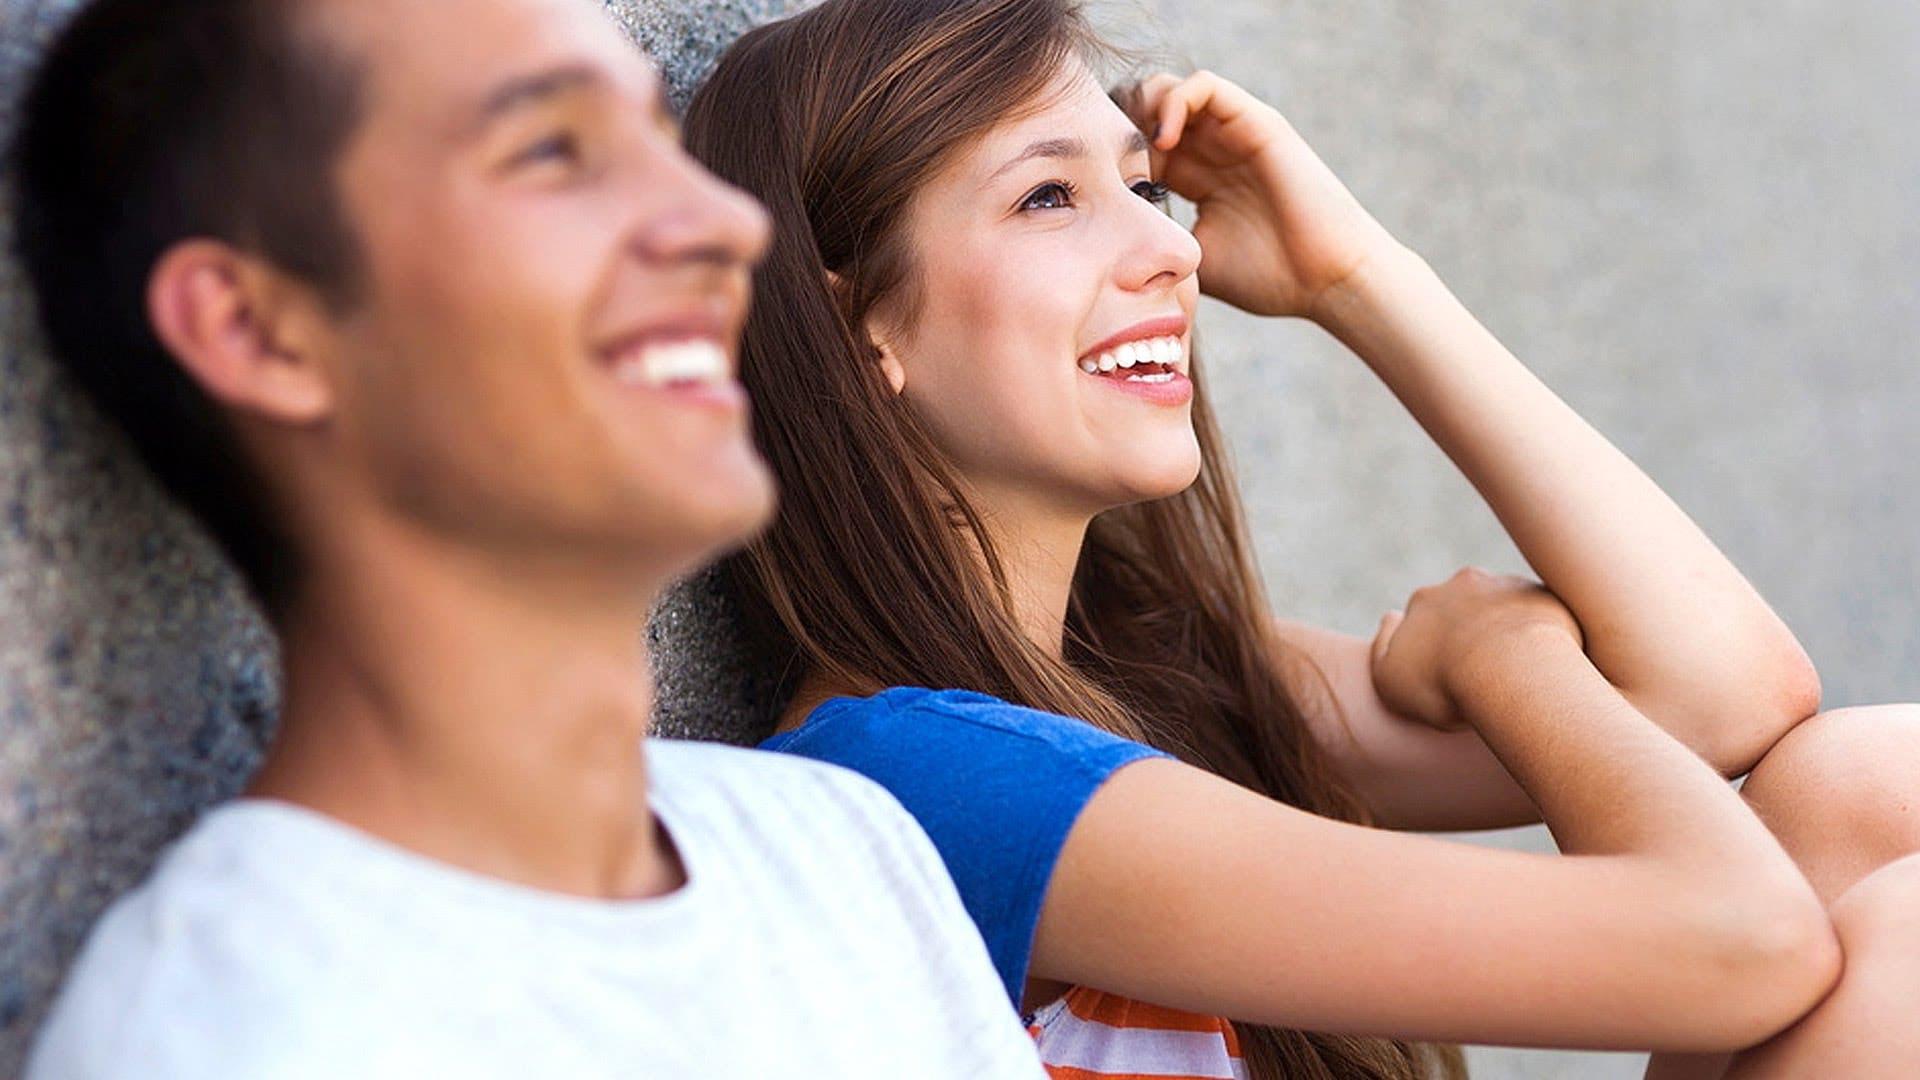 бывает ли дружба между мужчиной и женщиной после отношений